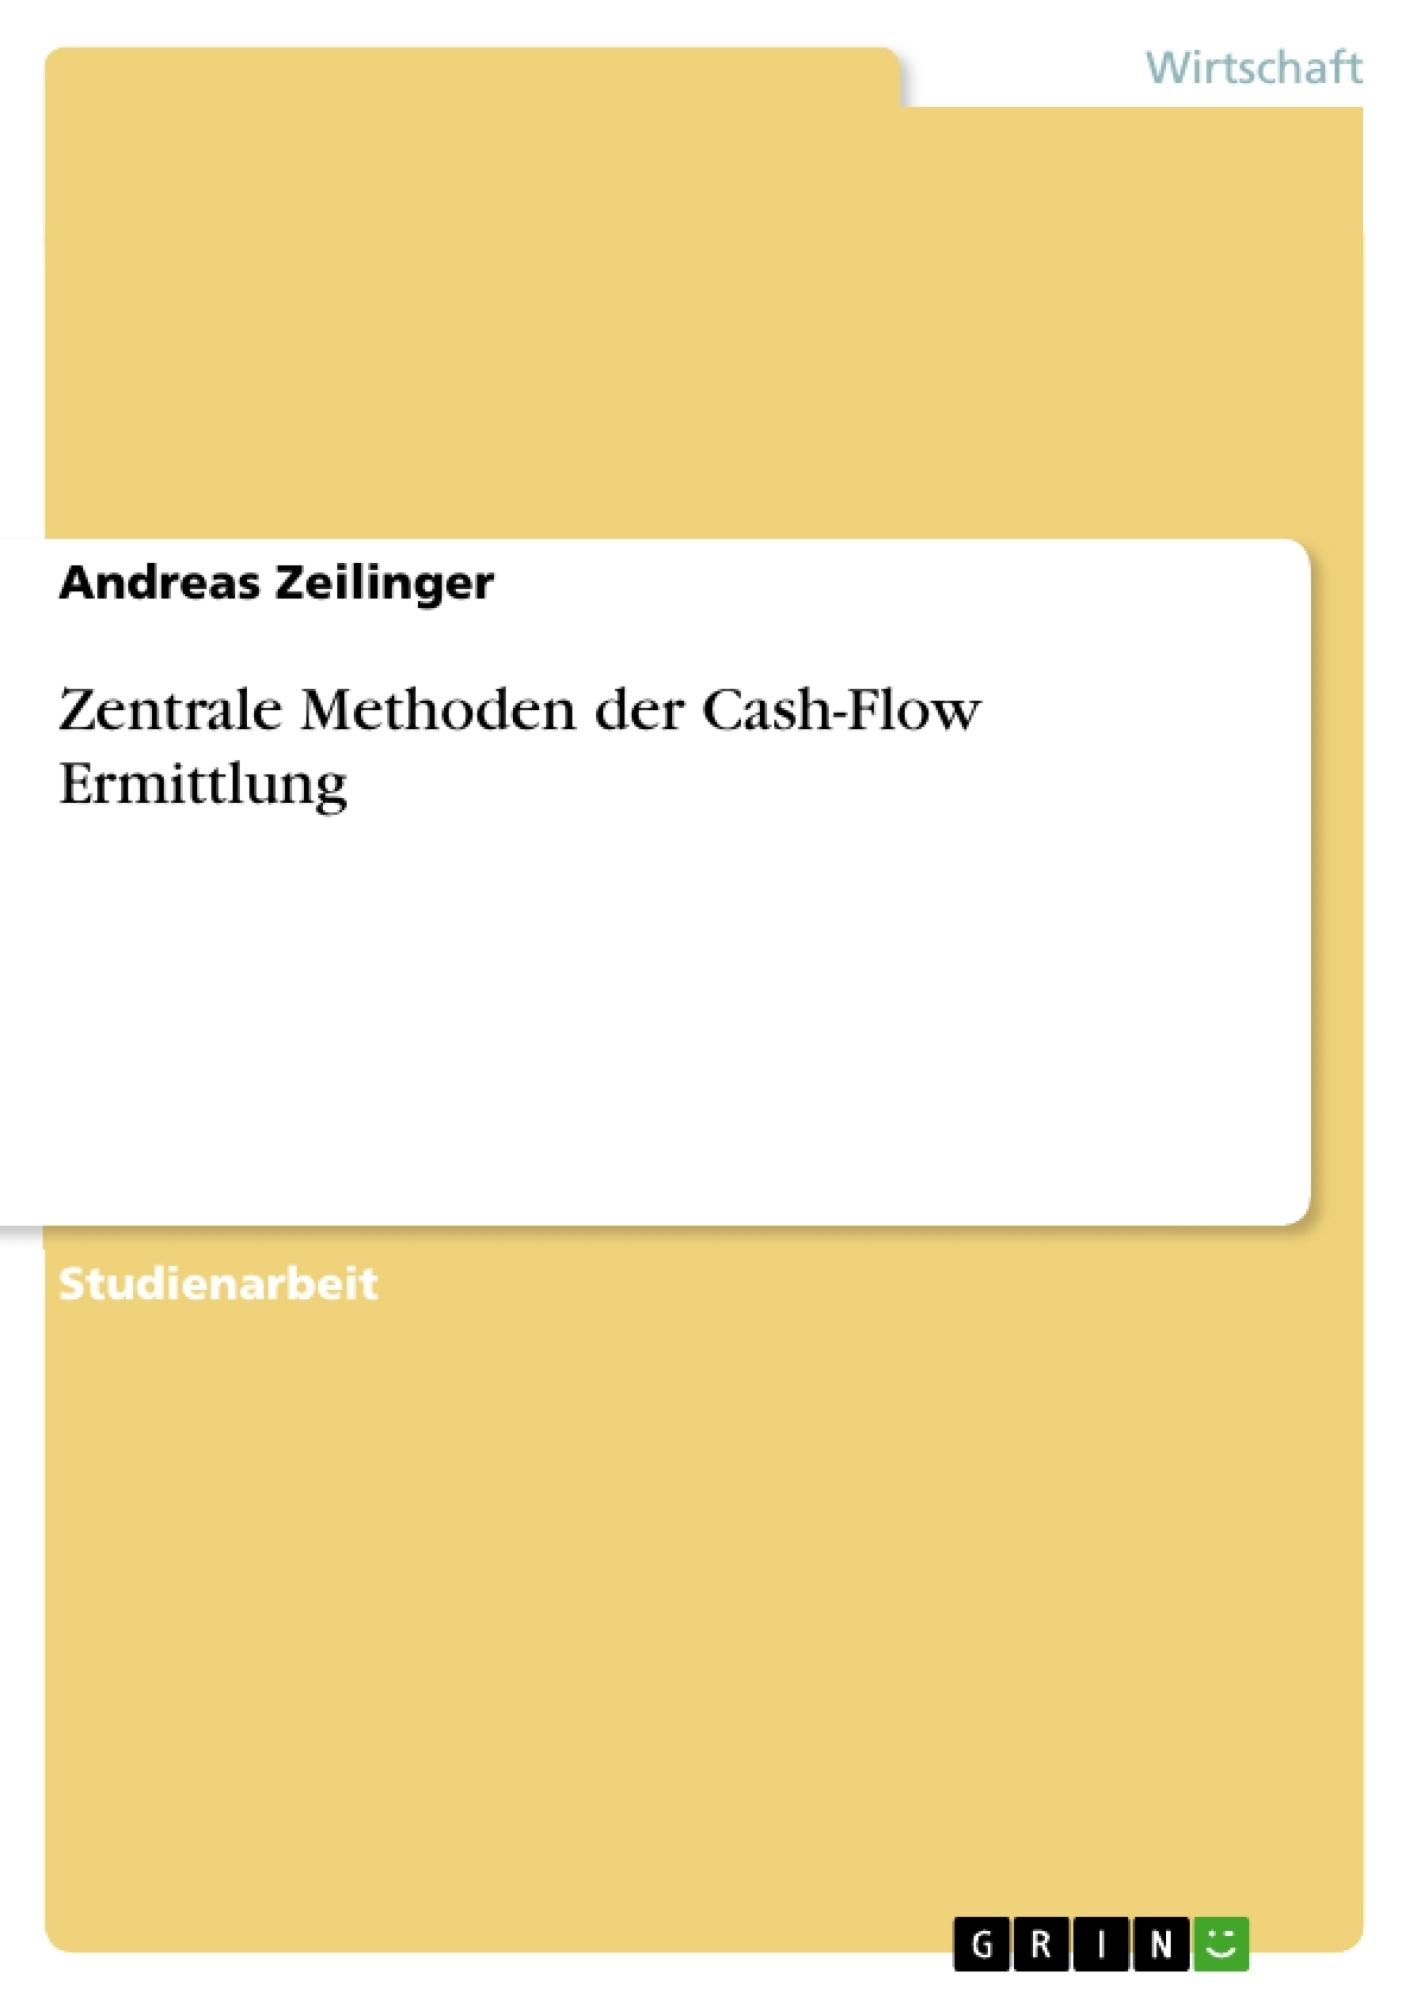 Titel: Zentrale Methoden der Cash-Flow Ermittlung